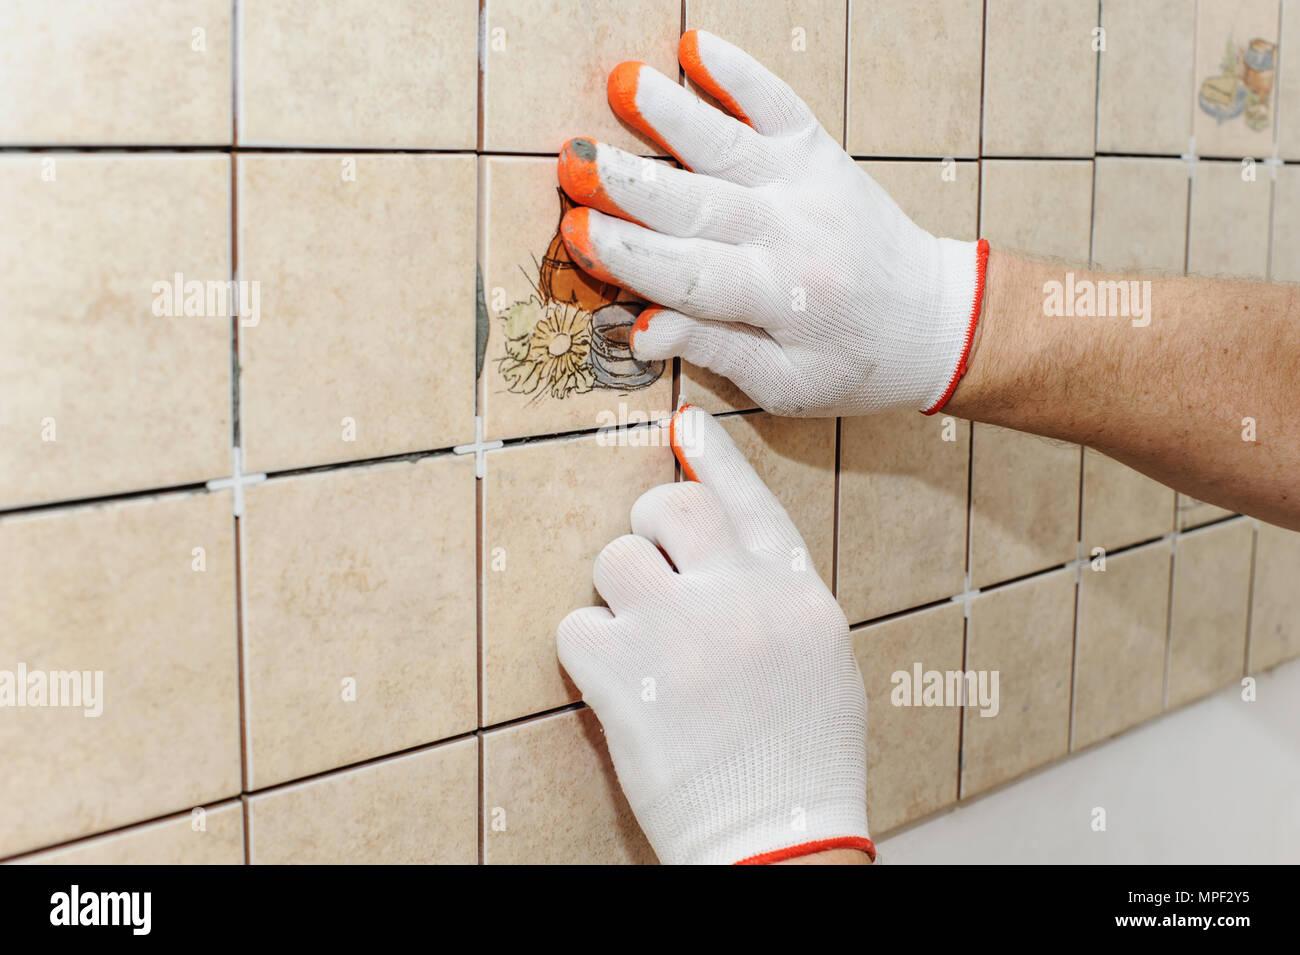 Lavoratore mettendo le piastrelle sulla parete in cucina. Le sue ...